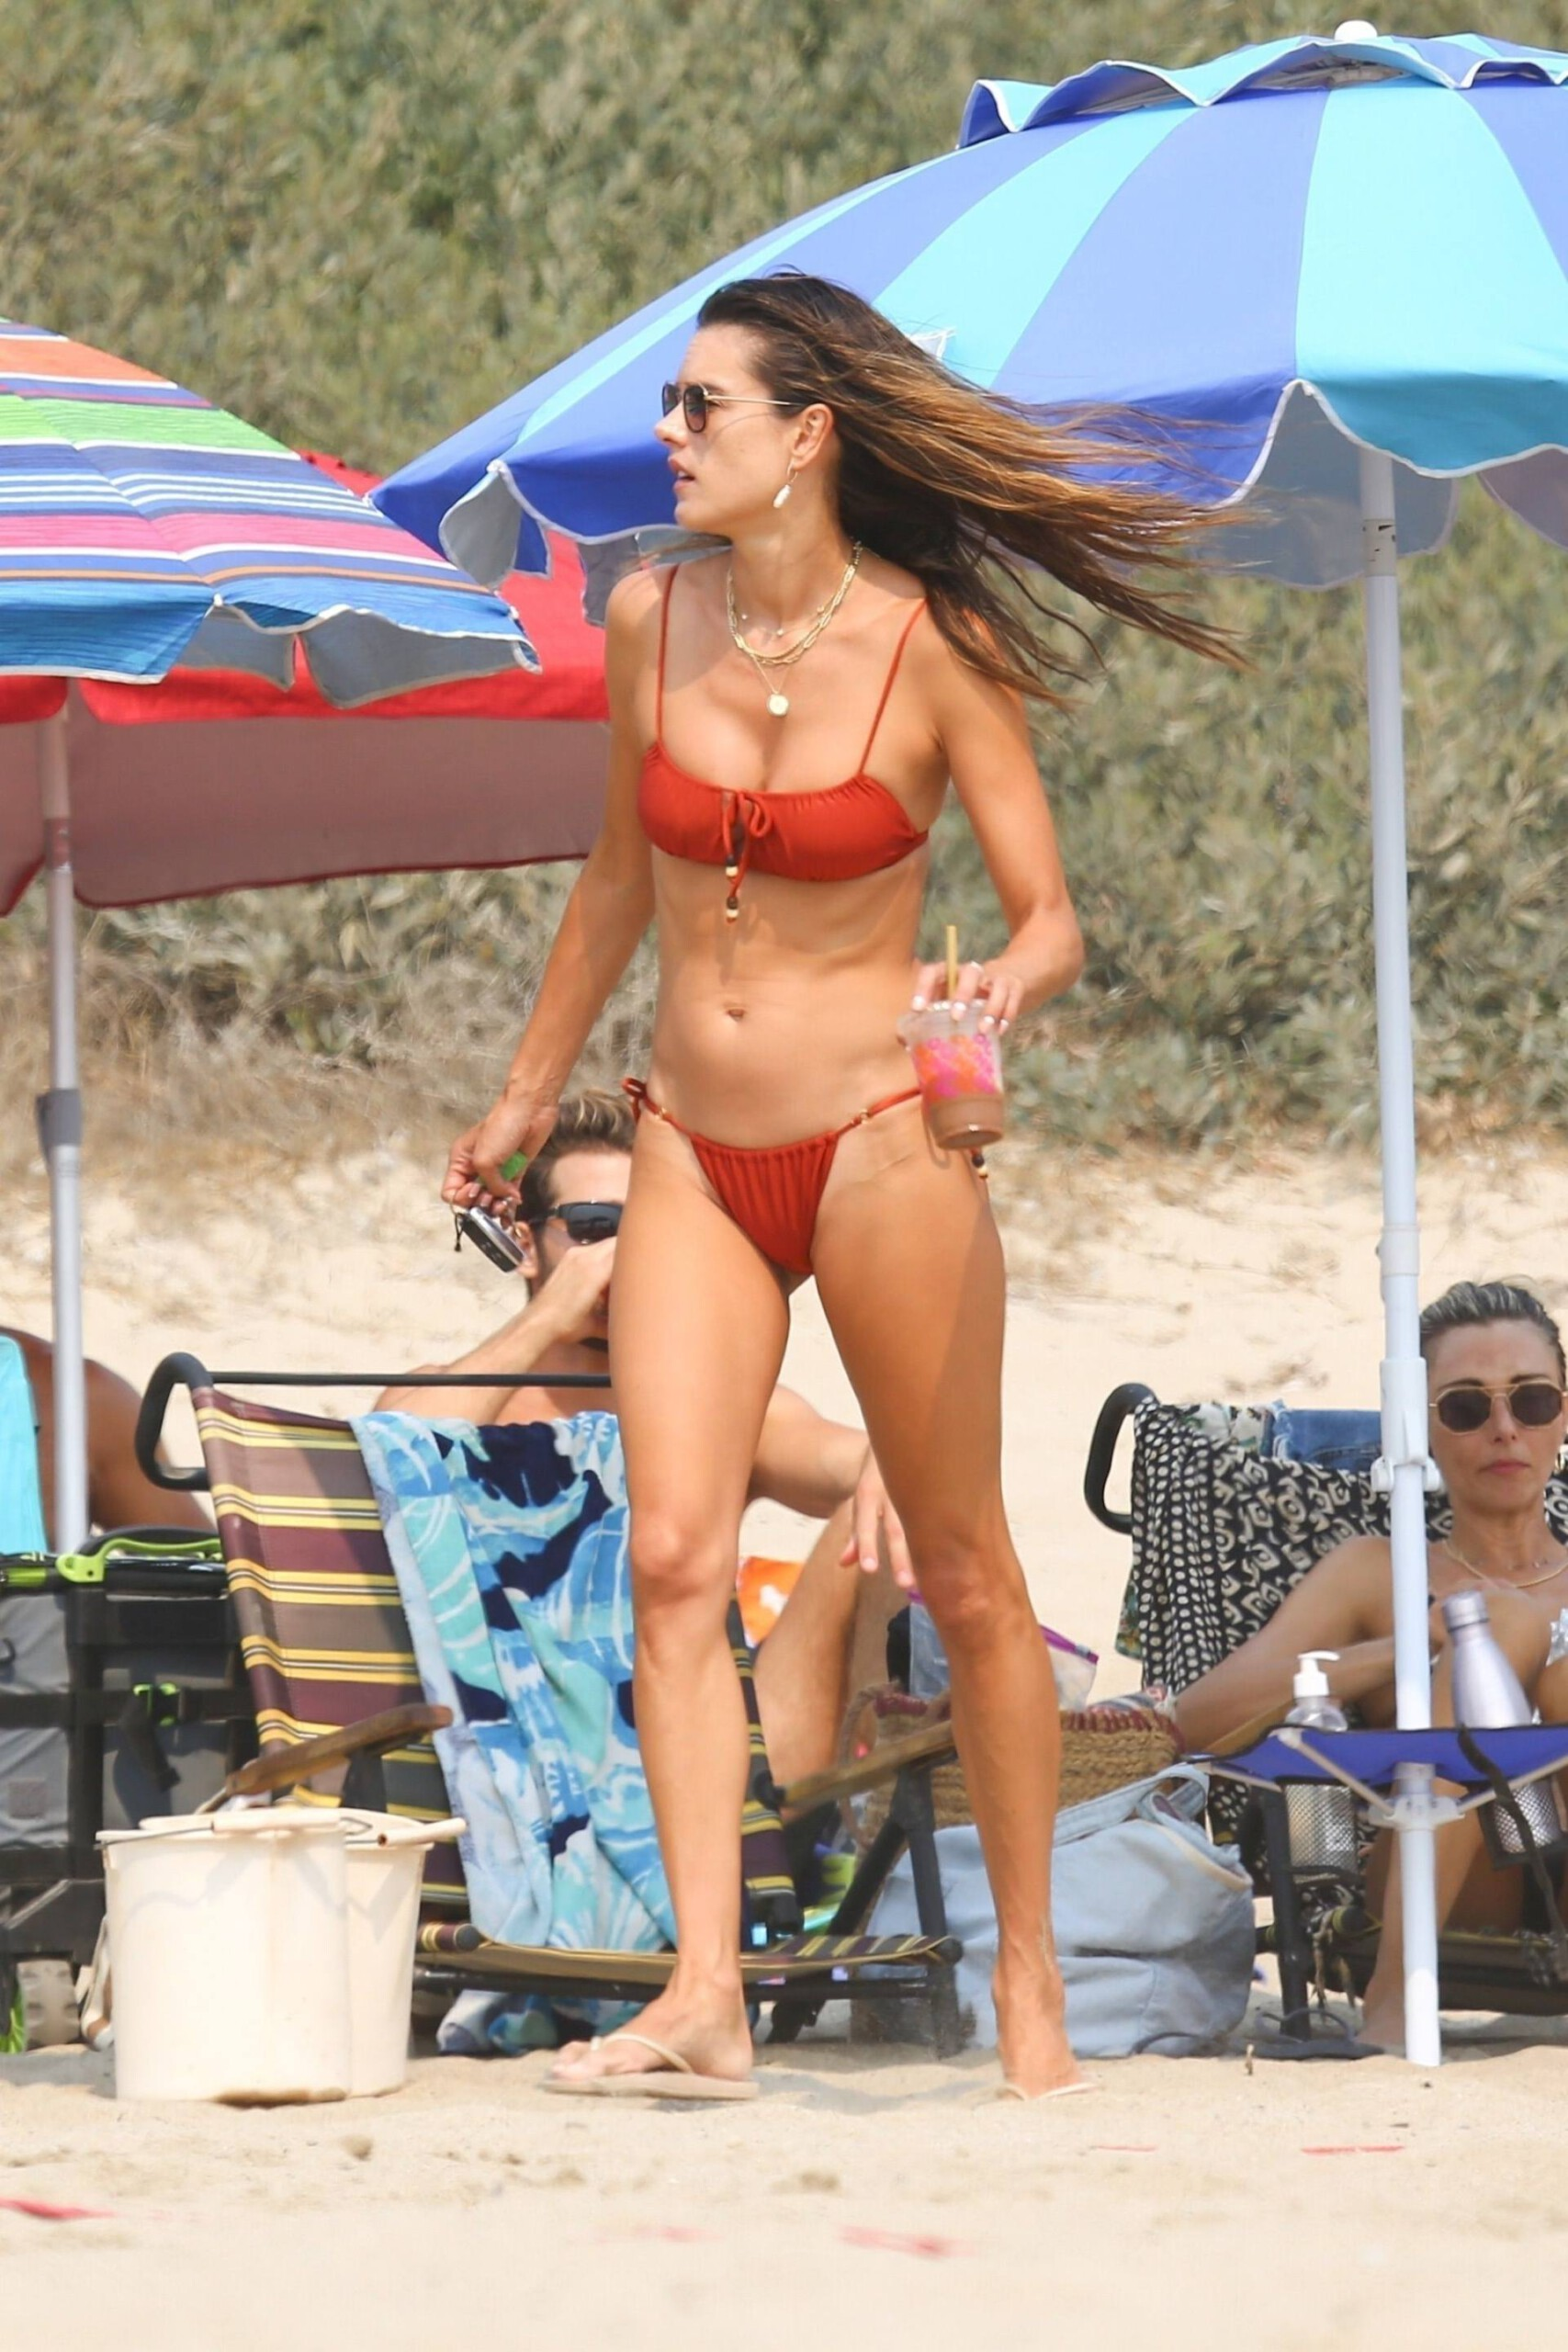 Alessandra Ambrosio - Sexy Body in a Tiny Red Bikini at the Beach in Malibu